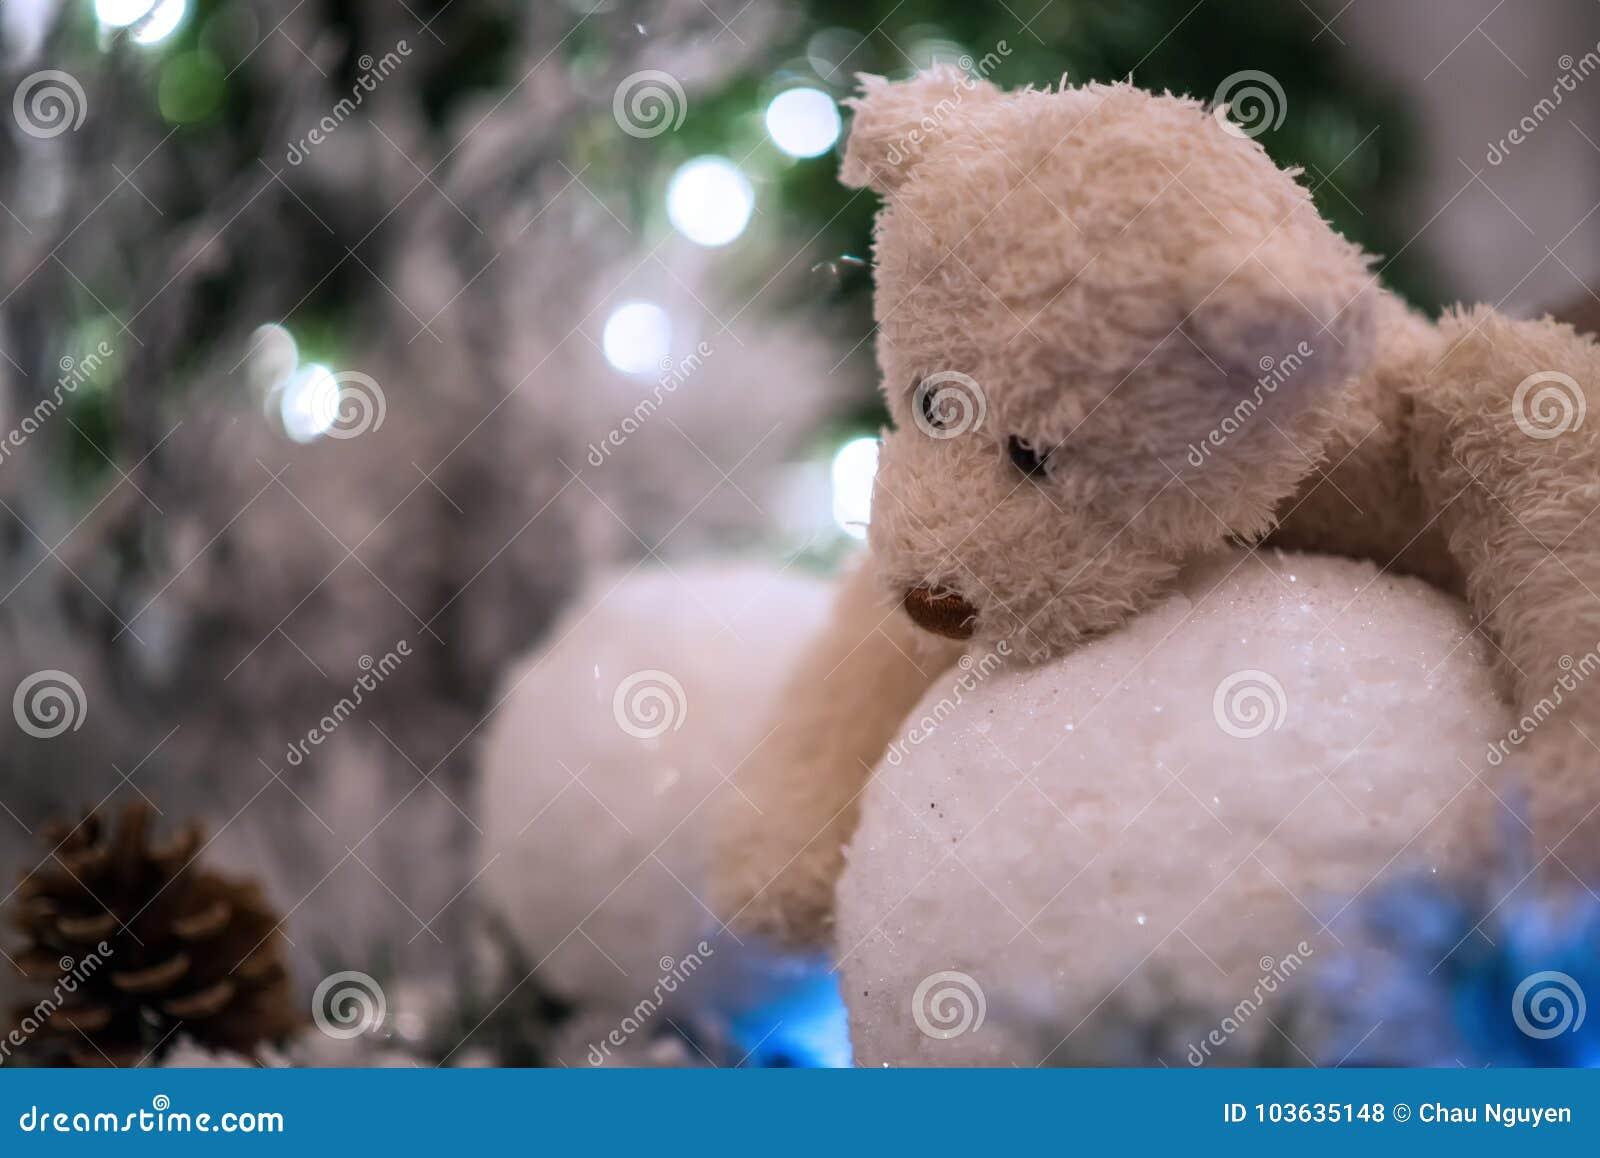 Bolas De Nieve Beige De Los Abrazos De Oso De Peluche Con El árbol